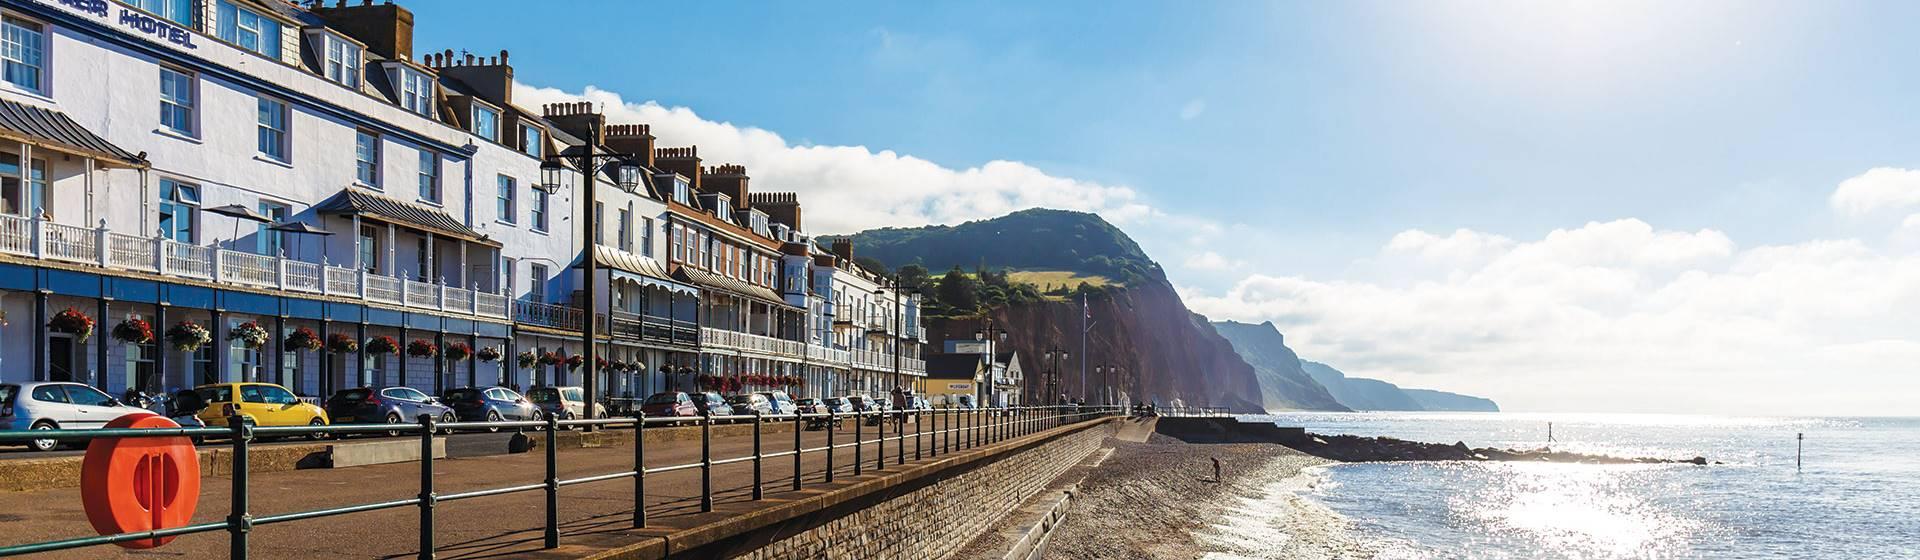 Elegant Sidmouth ft: South Devon & Dorset Delights